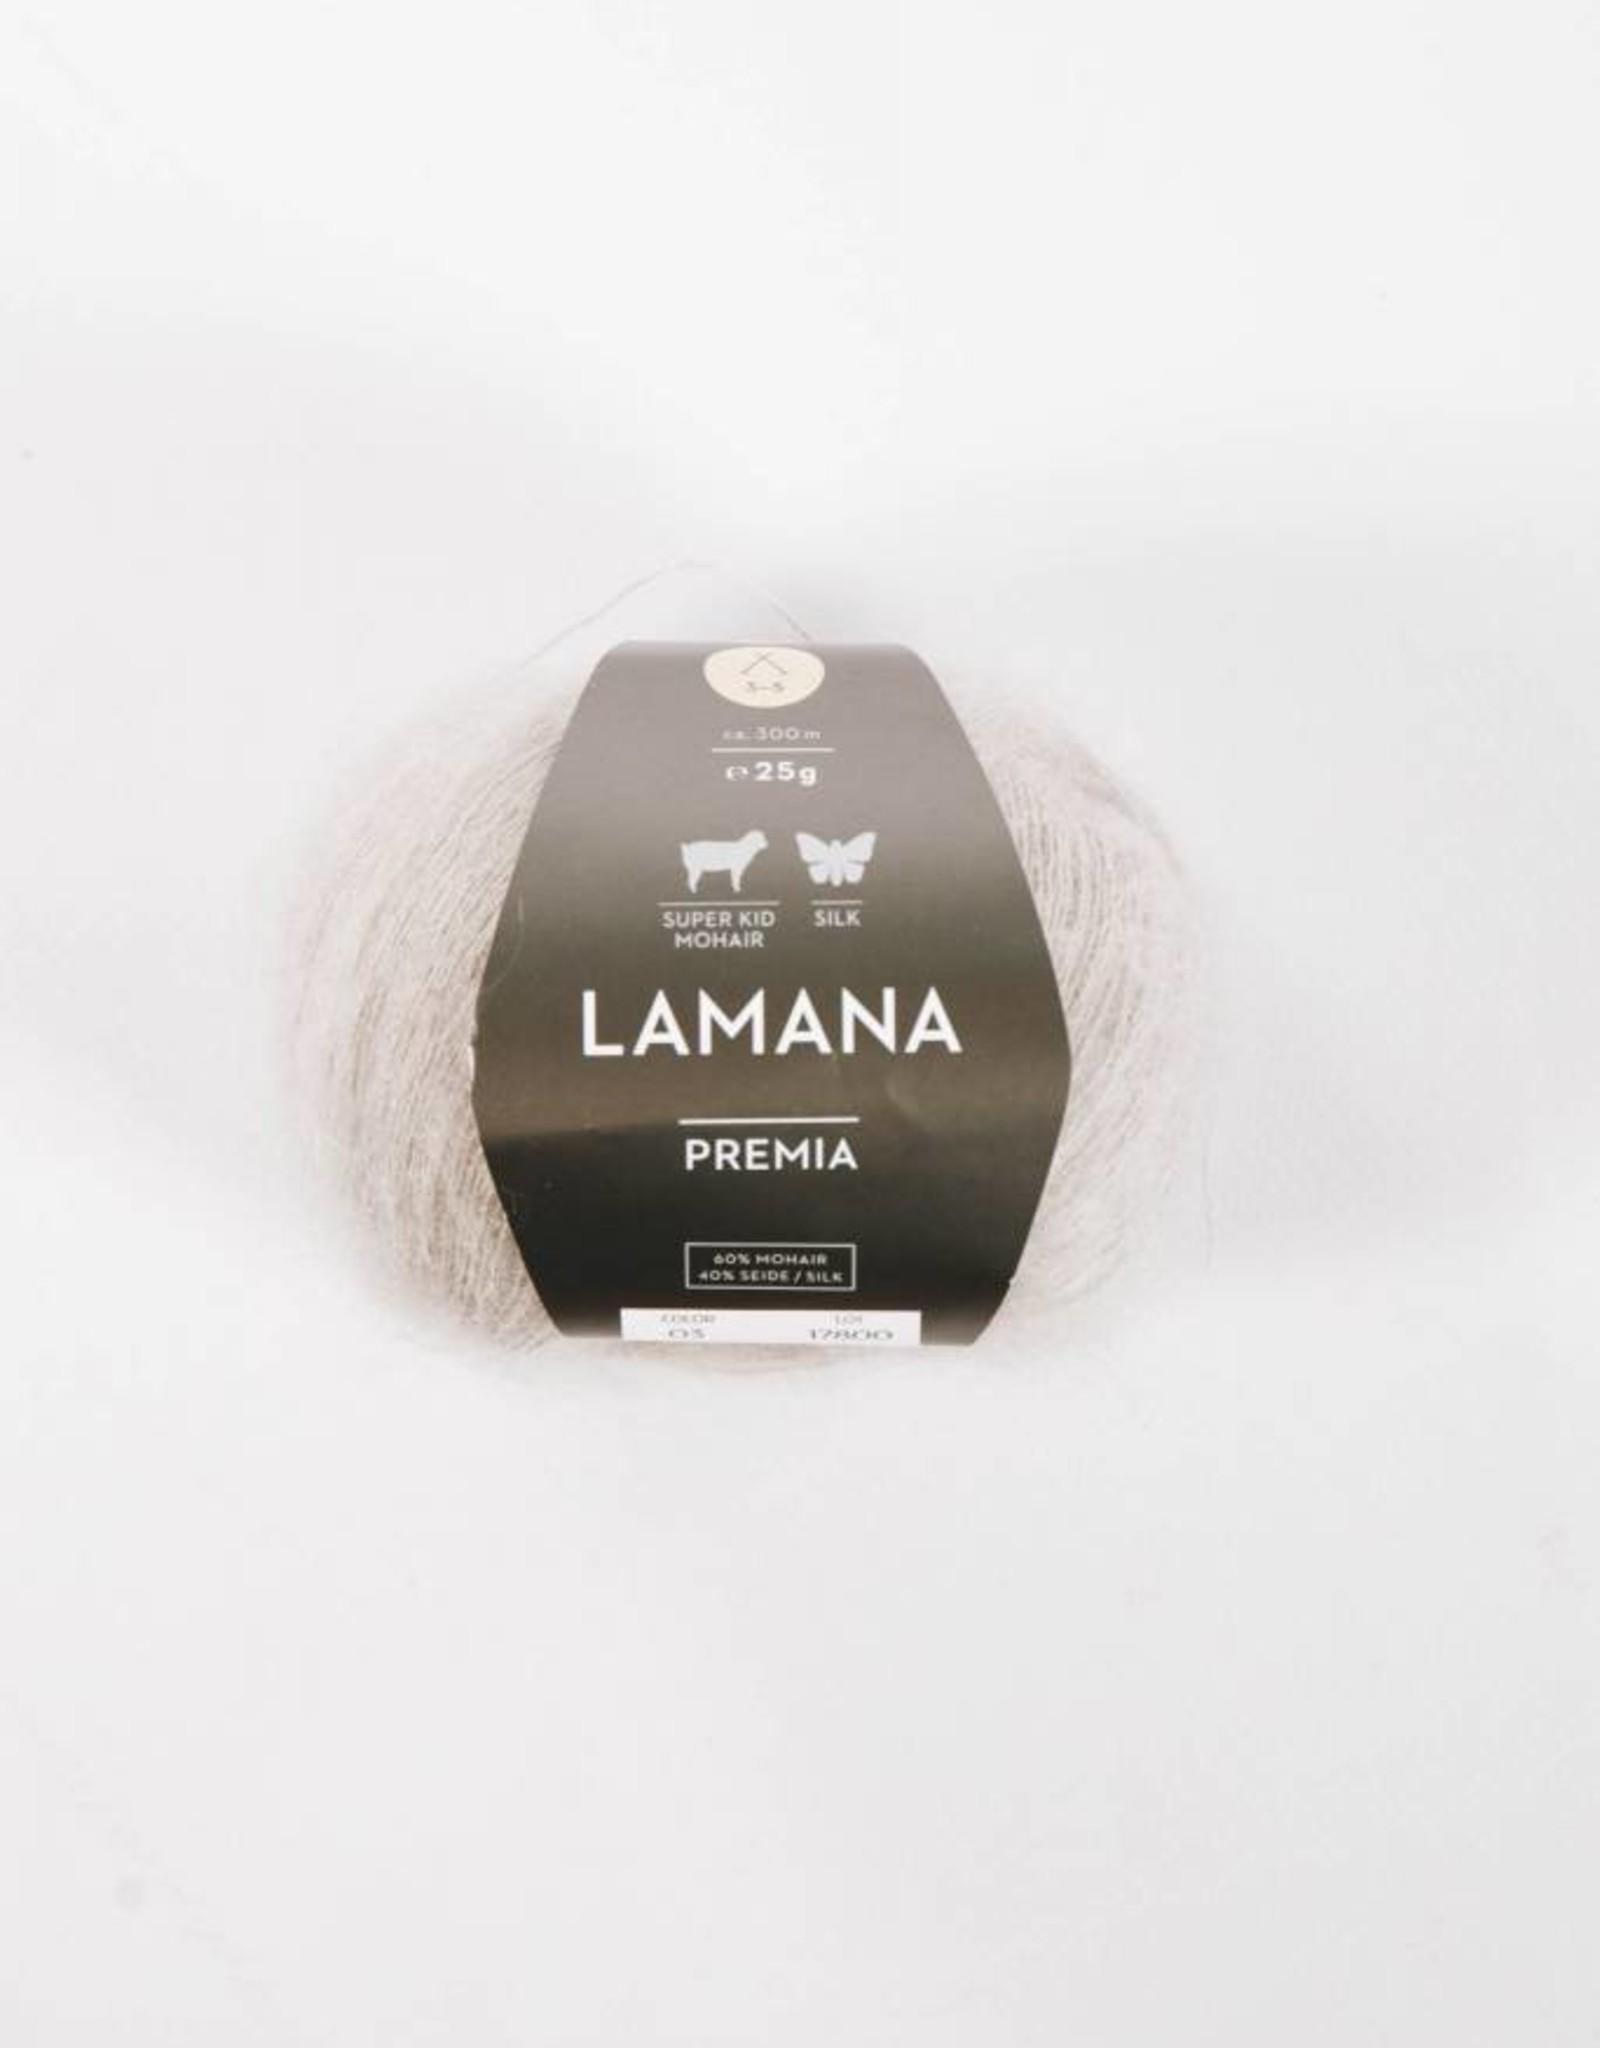 LAMANA LAMANA - Premia 03